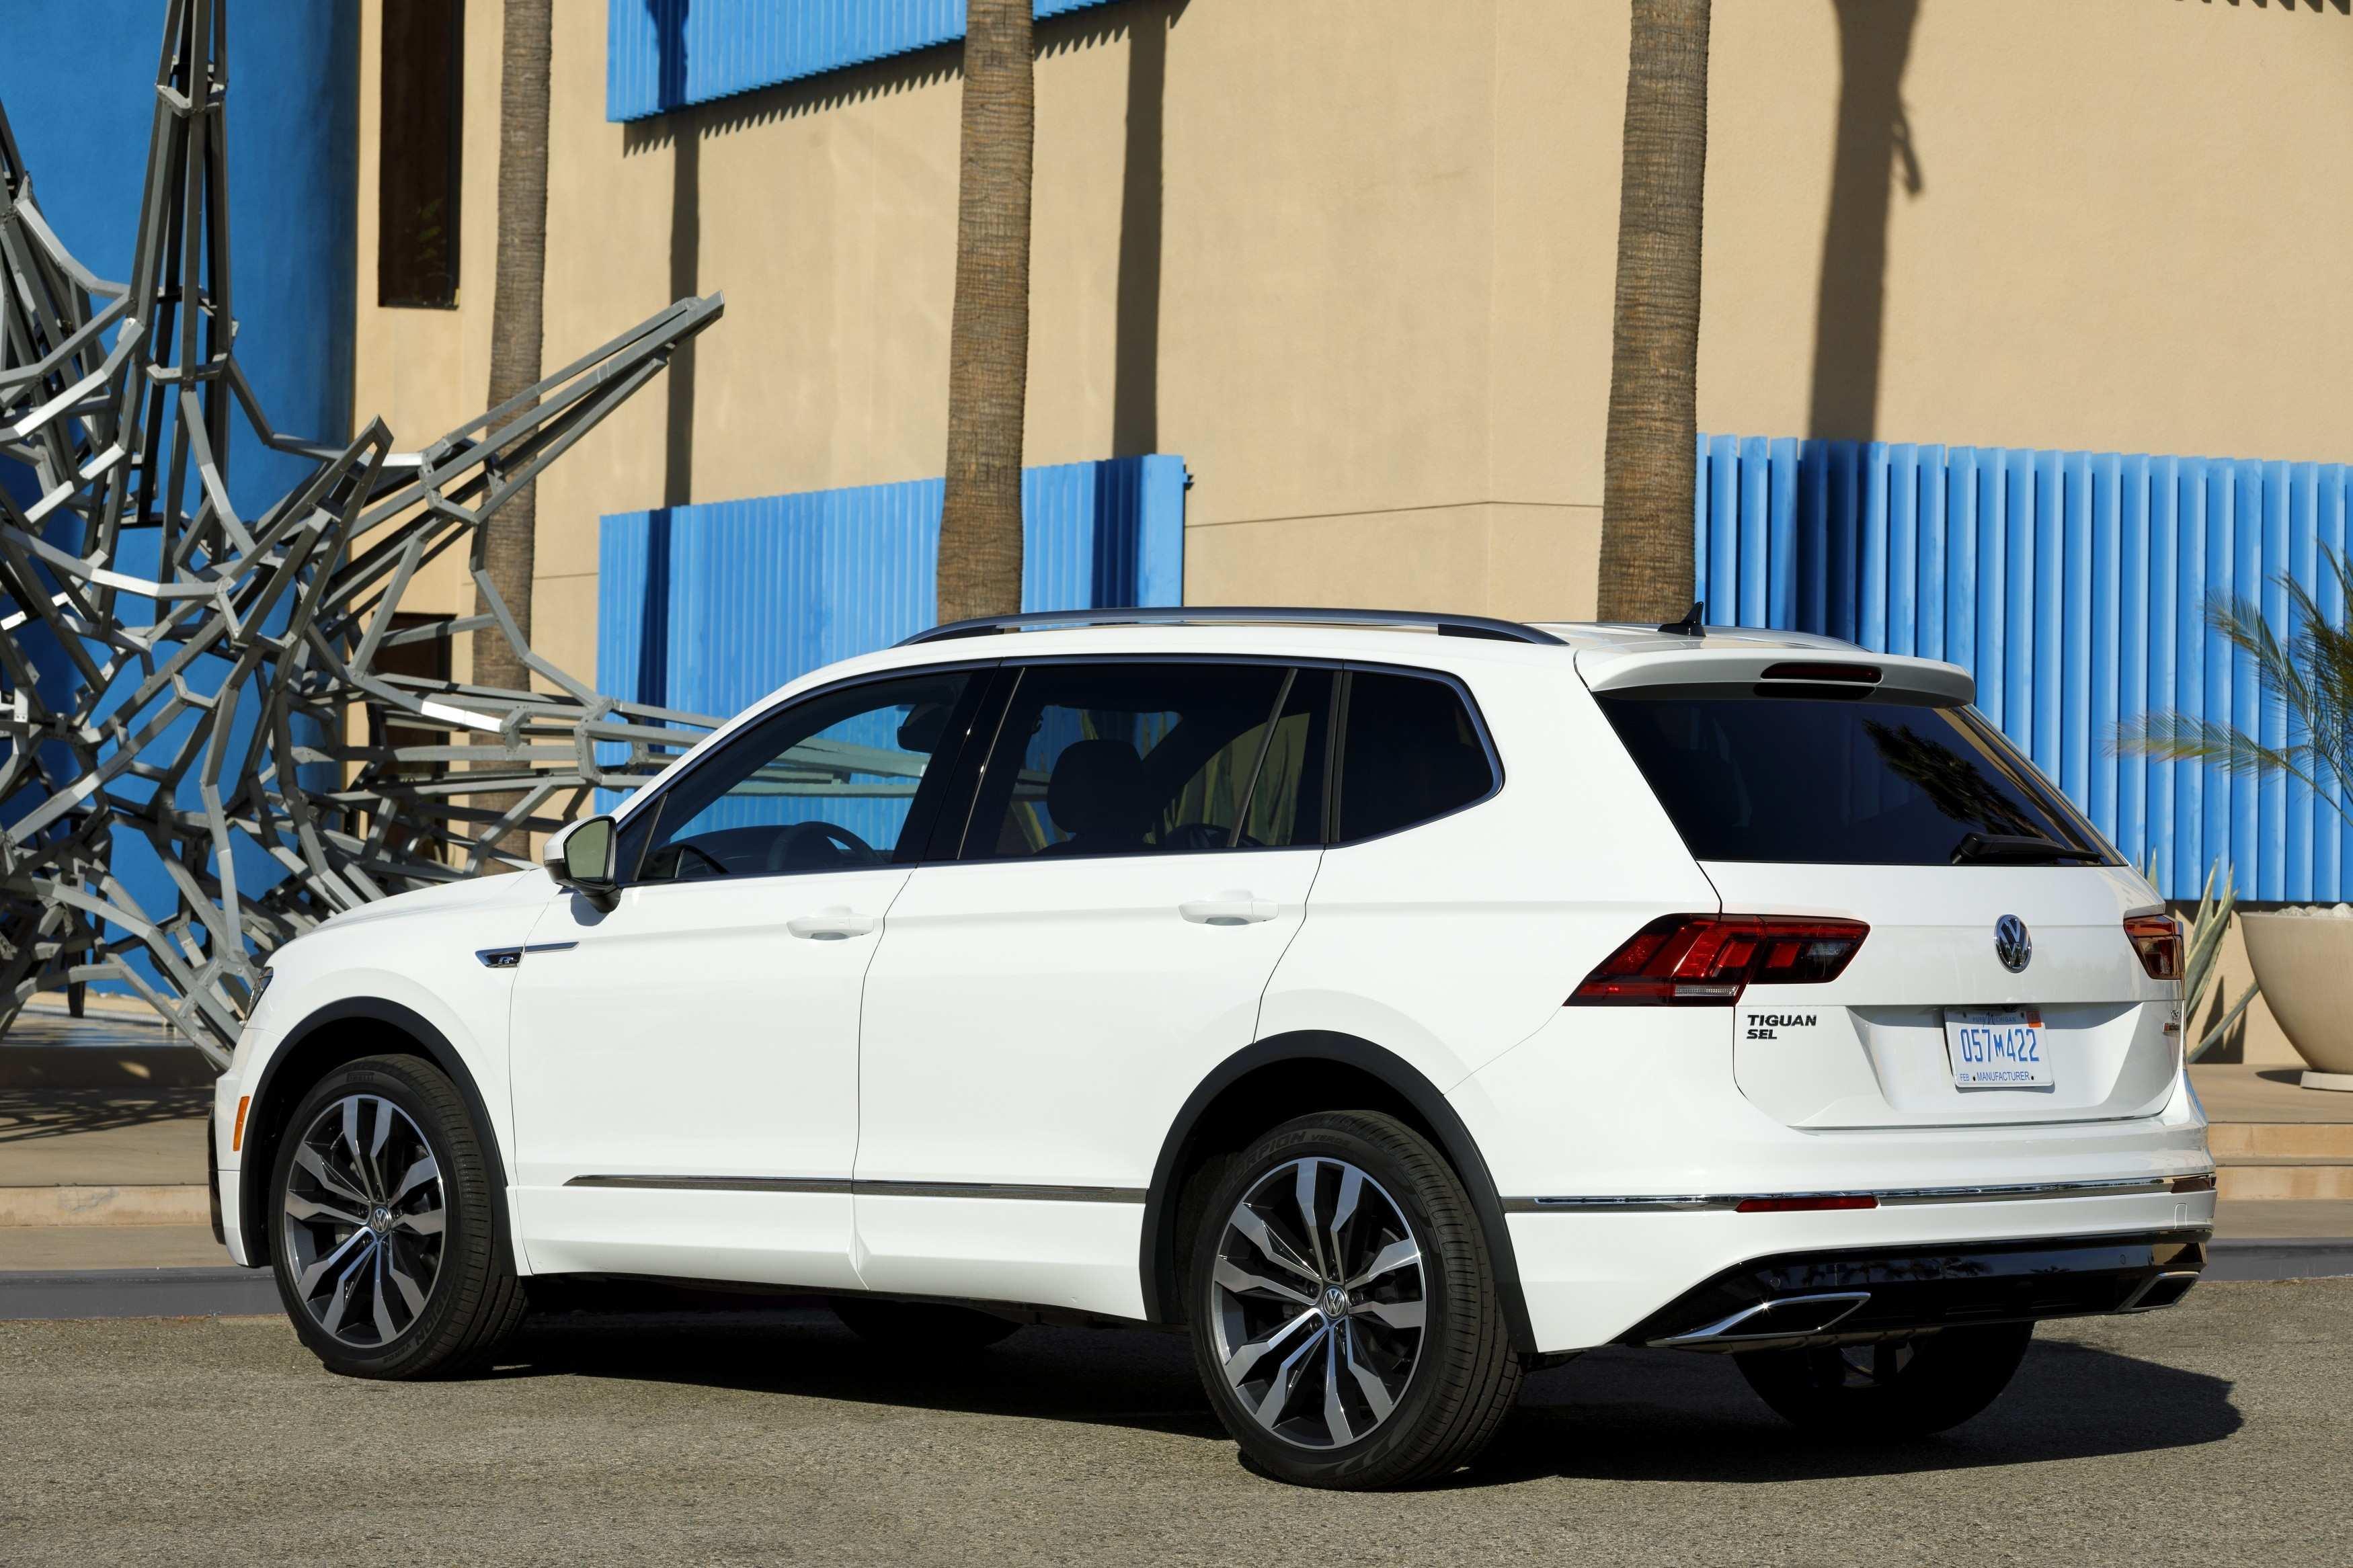 49 New Best Volkswagen 2019 Tiguan Concept Exterior and Interior for Best Volkswagen 2019 Tiguan Concept